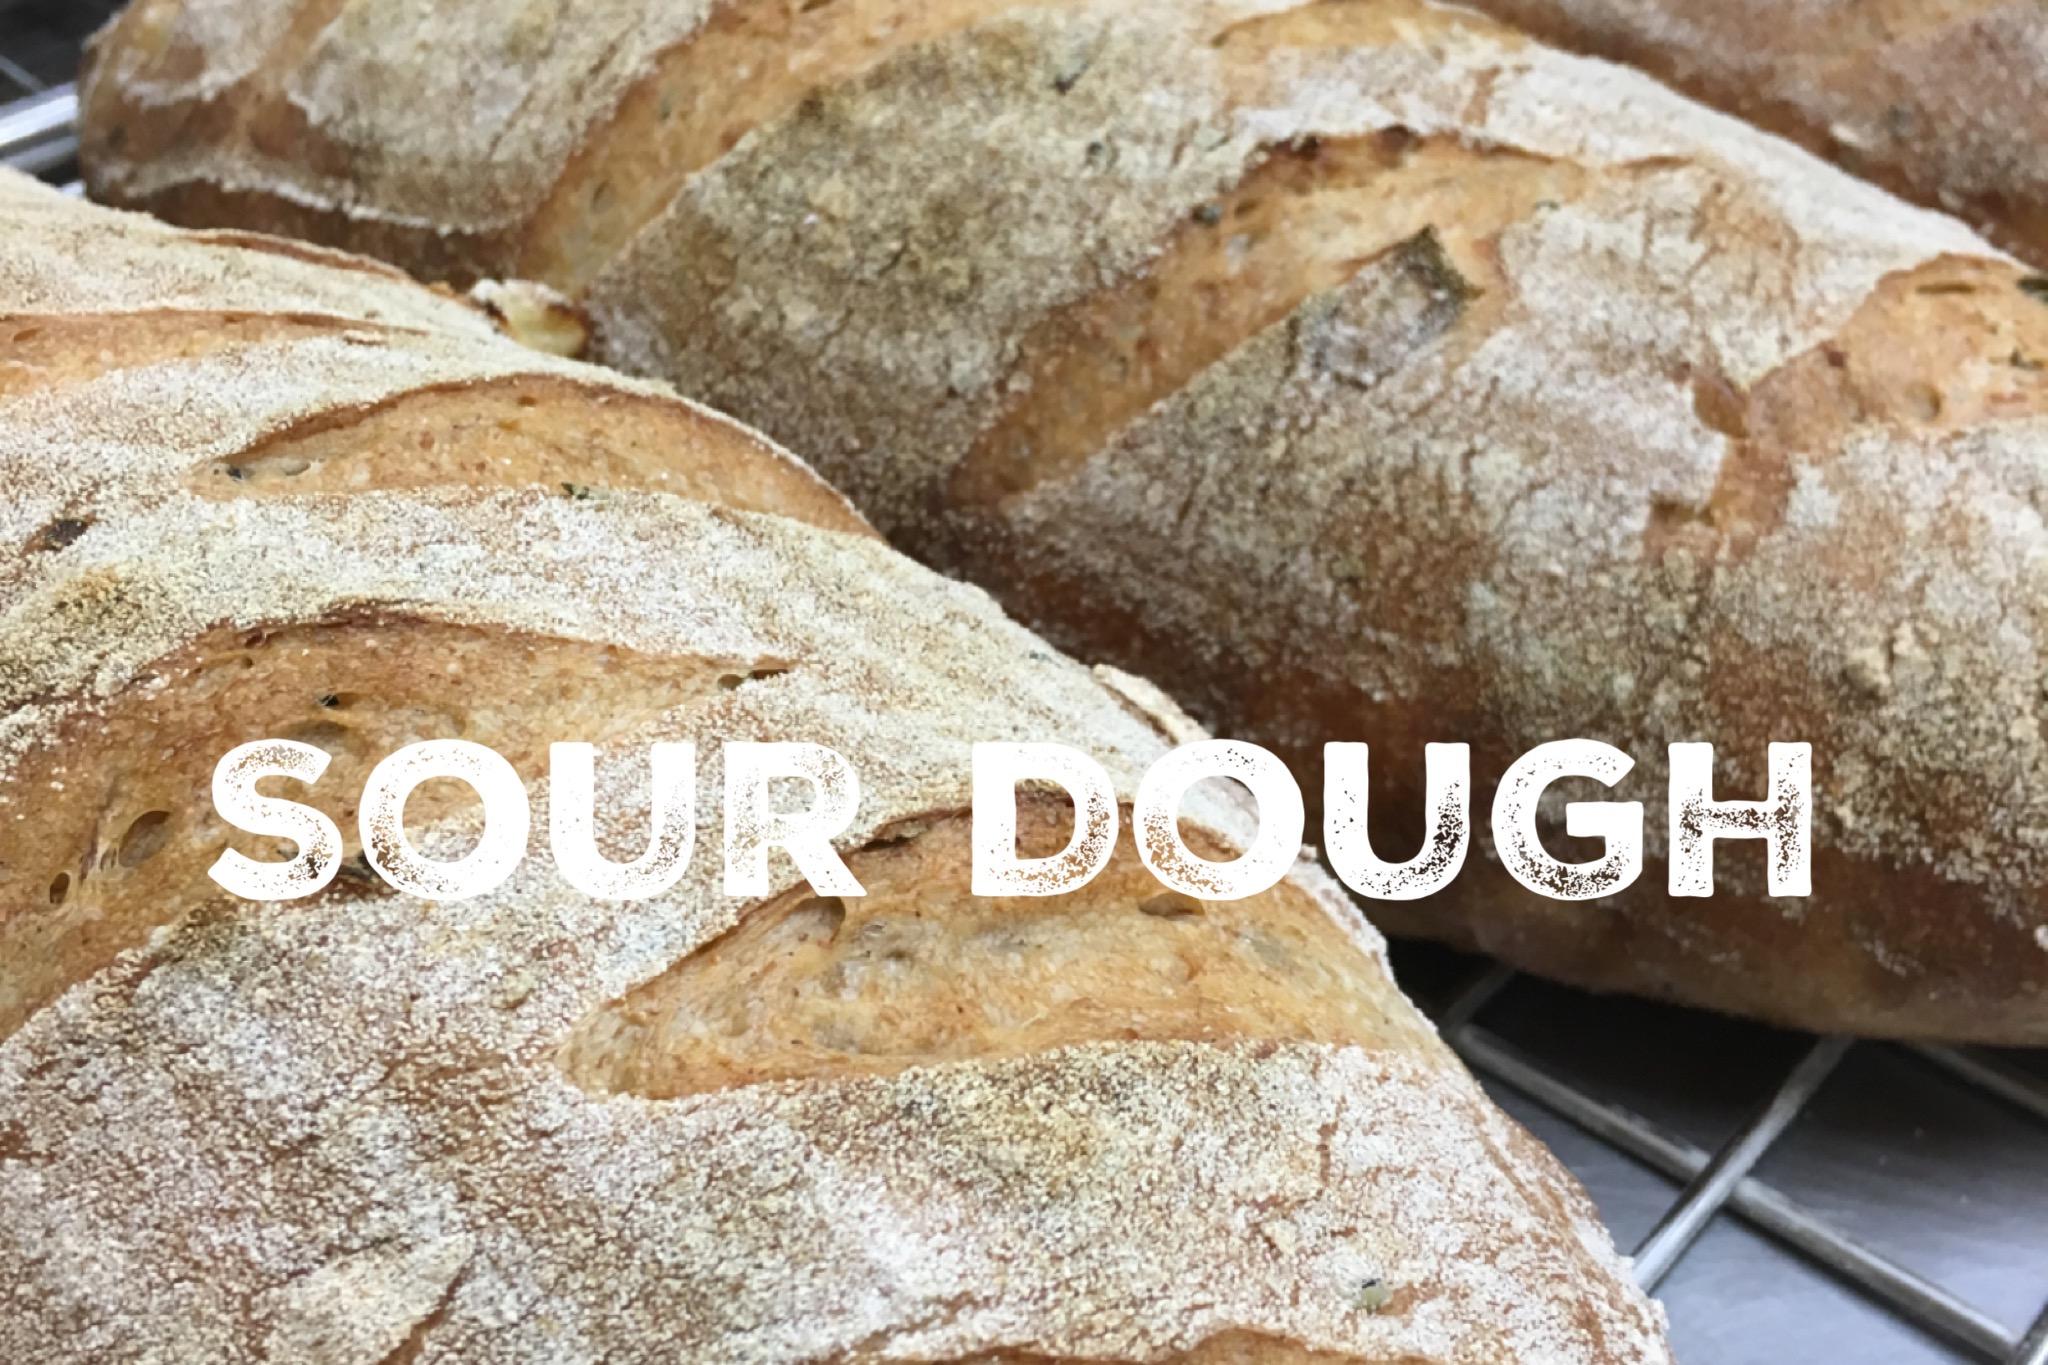 Sourdough – White